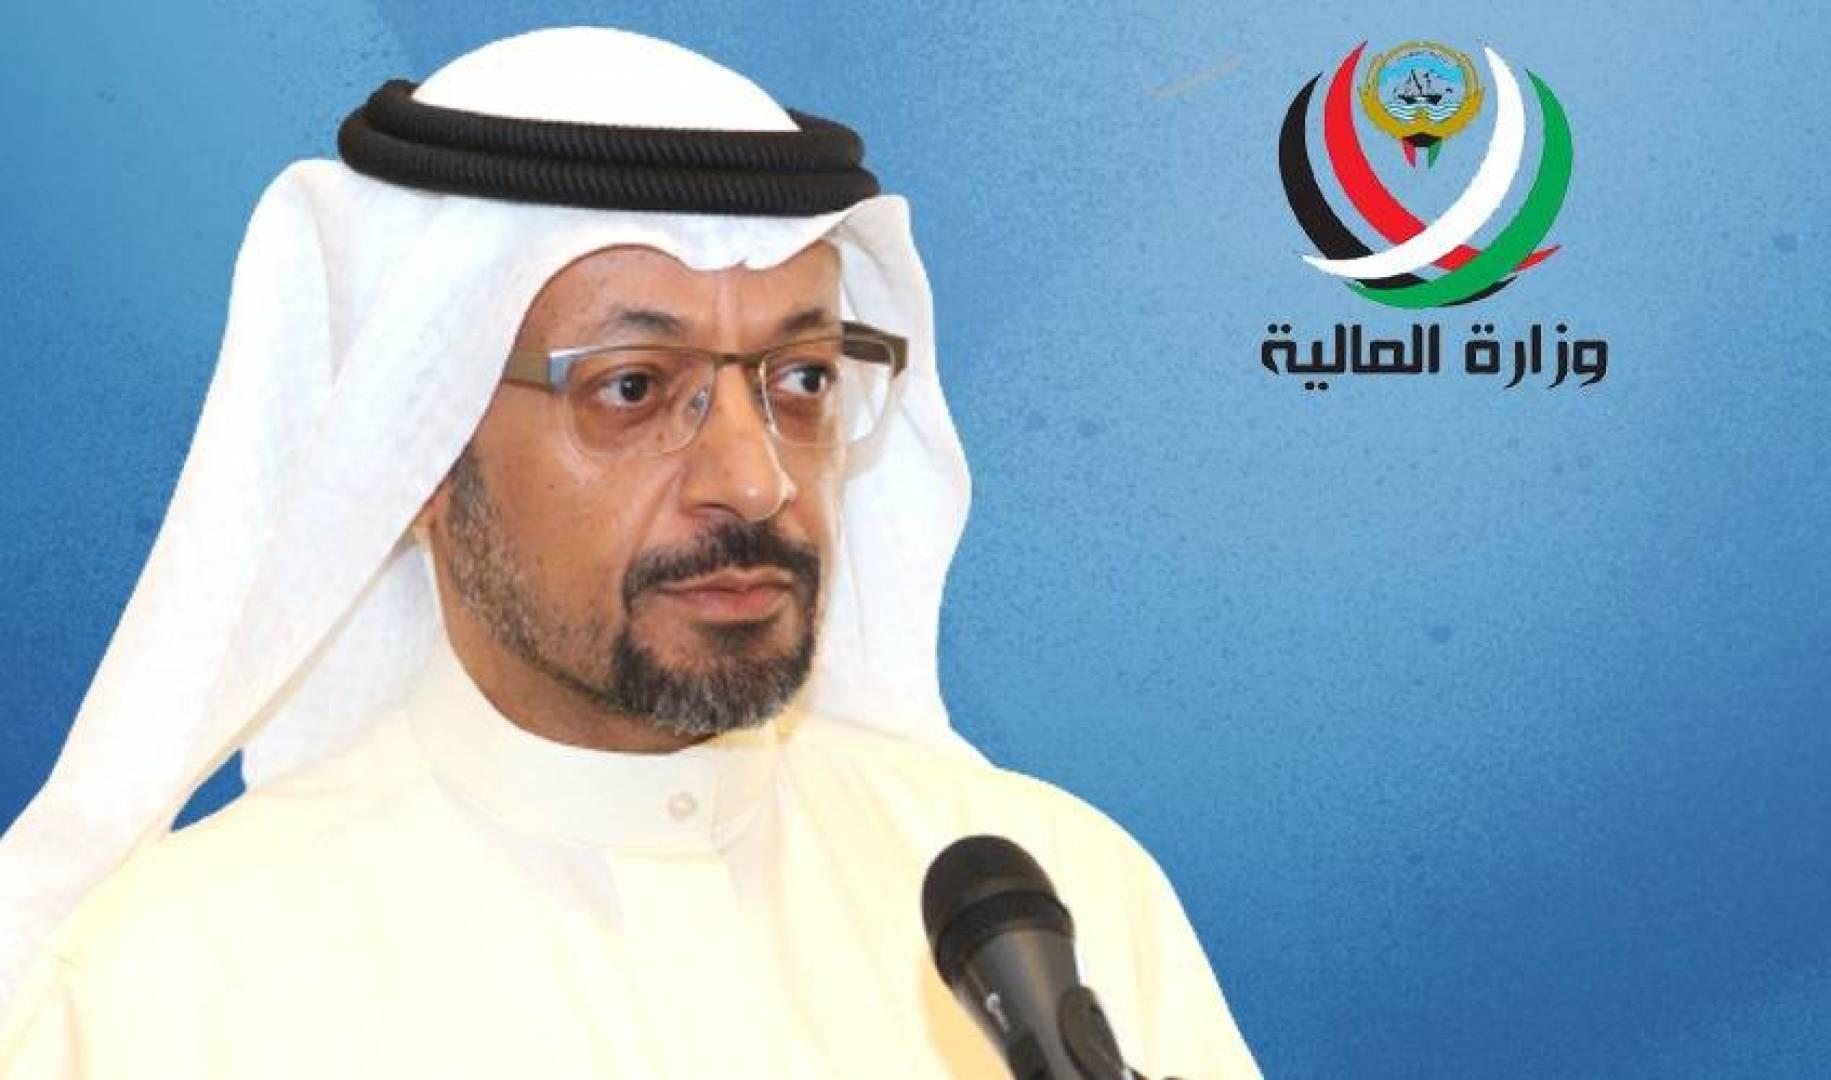 وزير المالية: الحلول السهلة والمتاحة لتعزيز السيولة استُنفدت